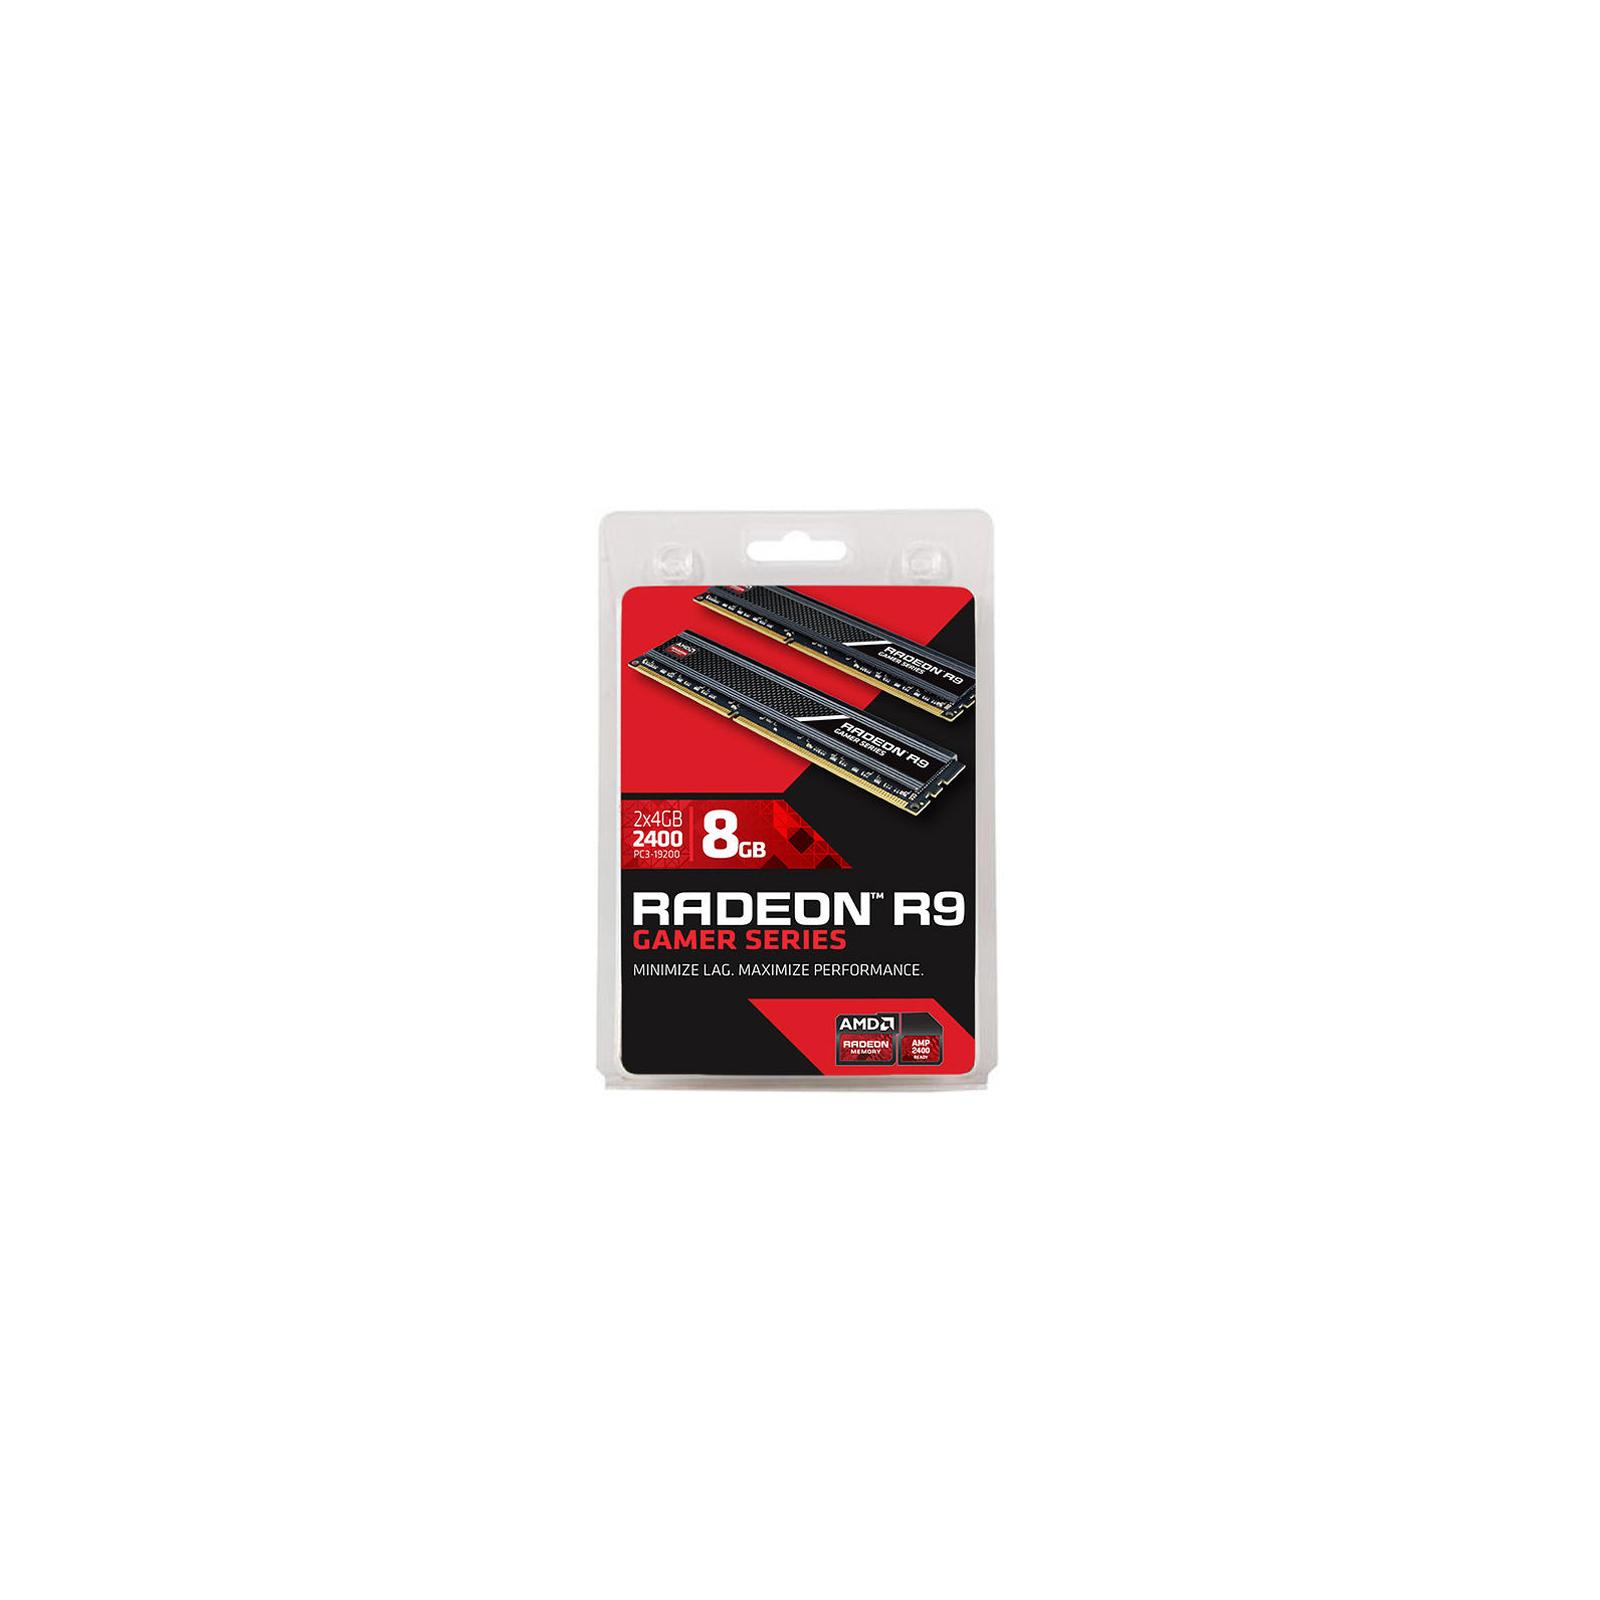 Модуль памяти для компьютера DDR3 8GB (2x4GB) 2400 MHz AMD (R938G2401U1K) изображение 3